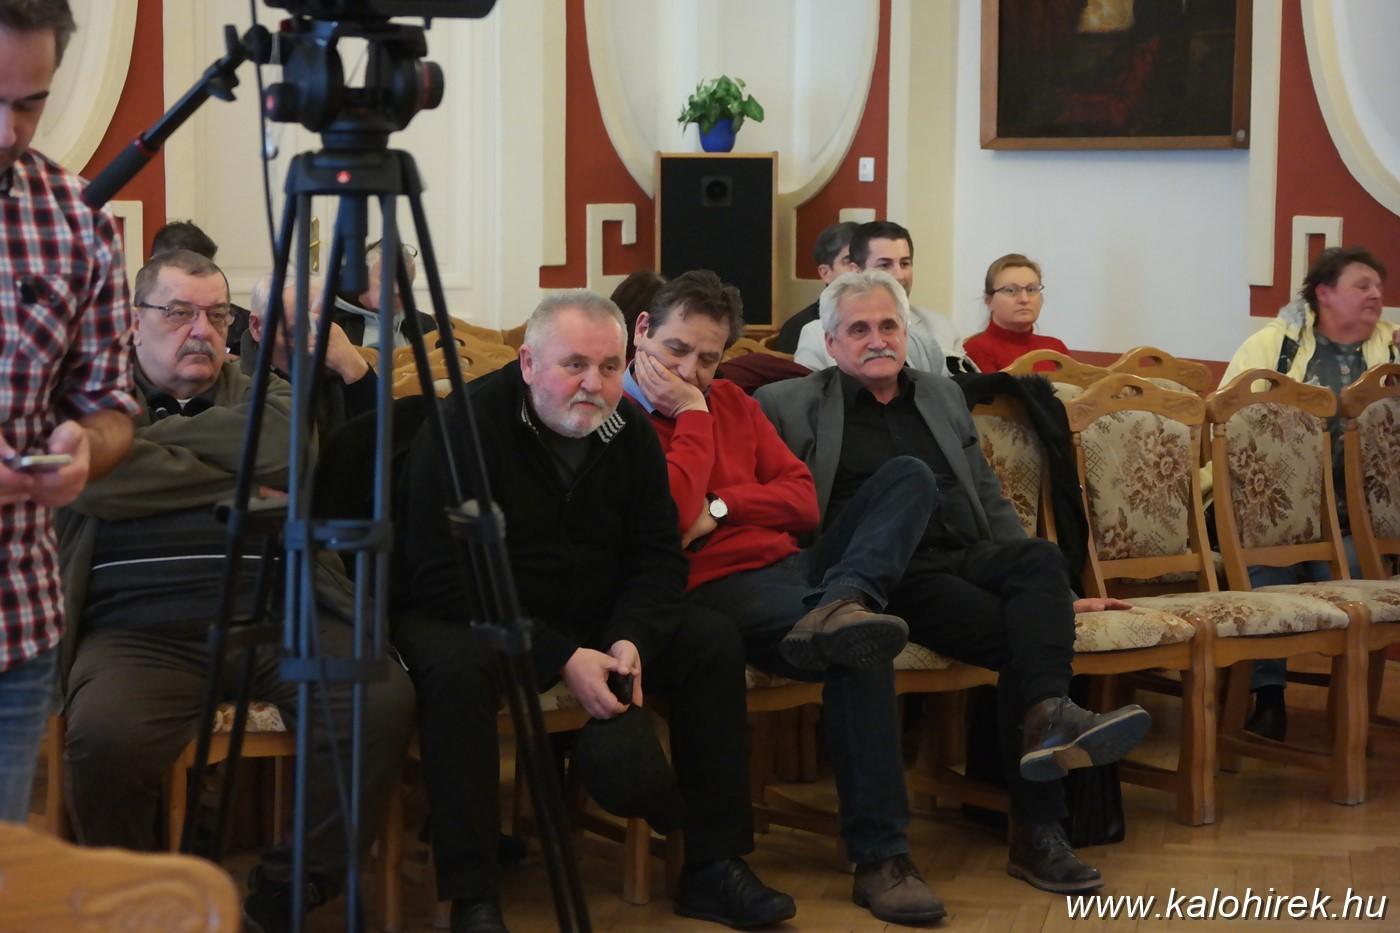 Pálfordulás Kalocsán - a helyi baloldal sem támogatja a ráerőltetett jelöltet